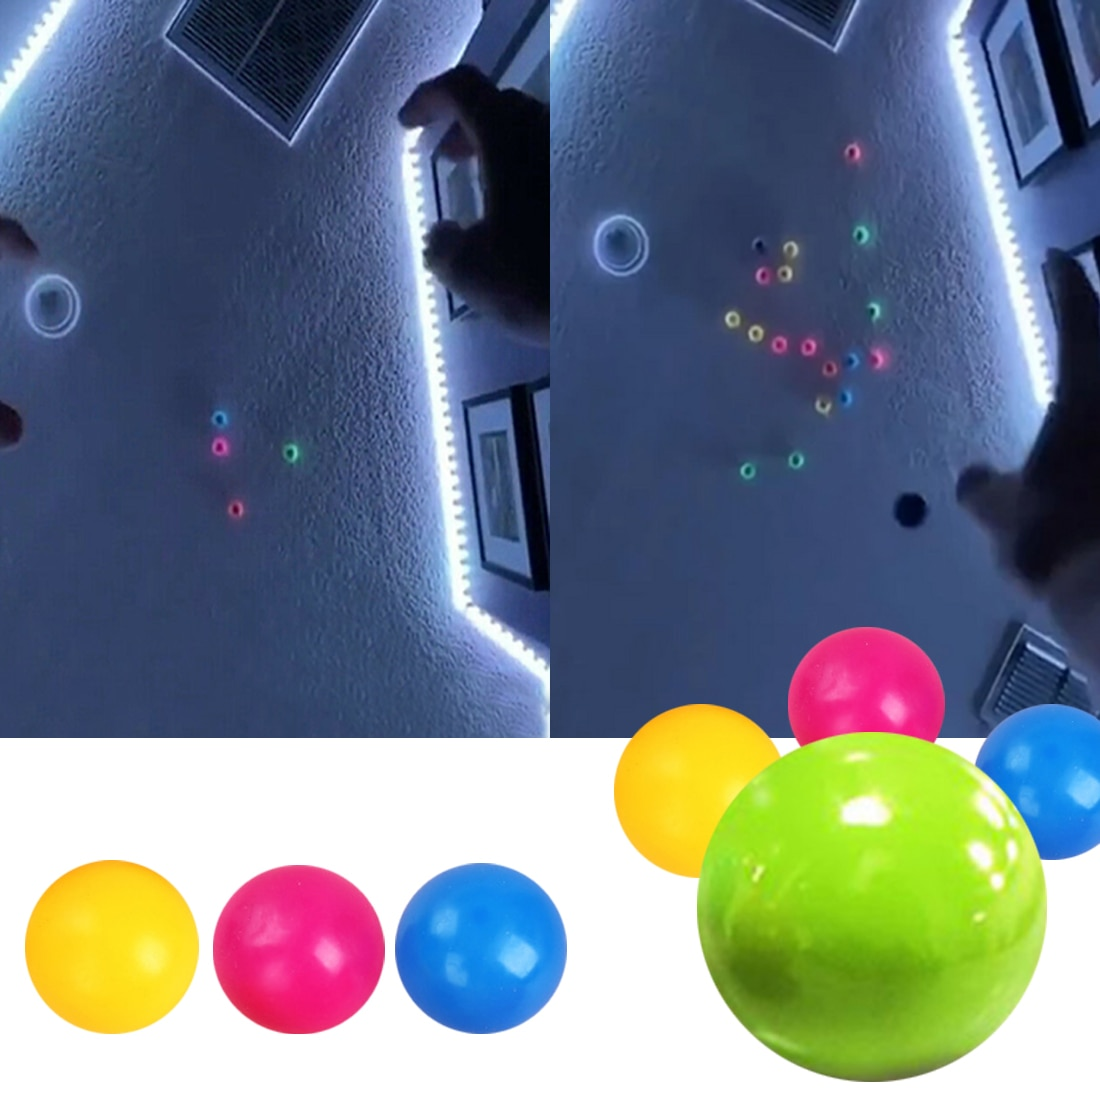 Bâton boule murale Fidget jouets boule de décompression collant boule de courge aspiration décompression jouet cible balle attraper balle lancer enfants